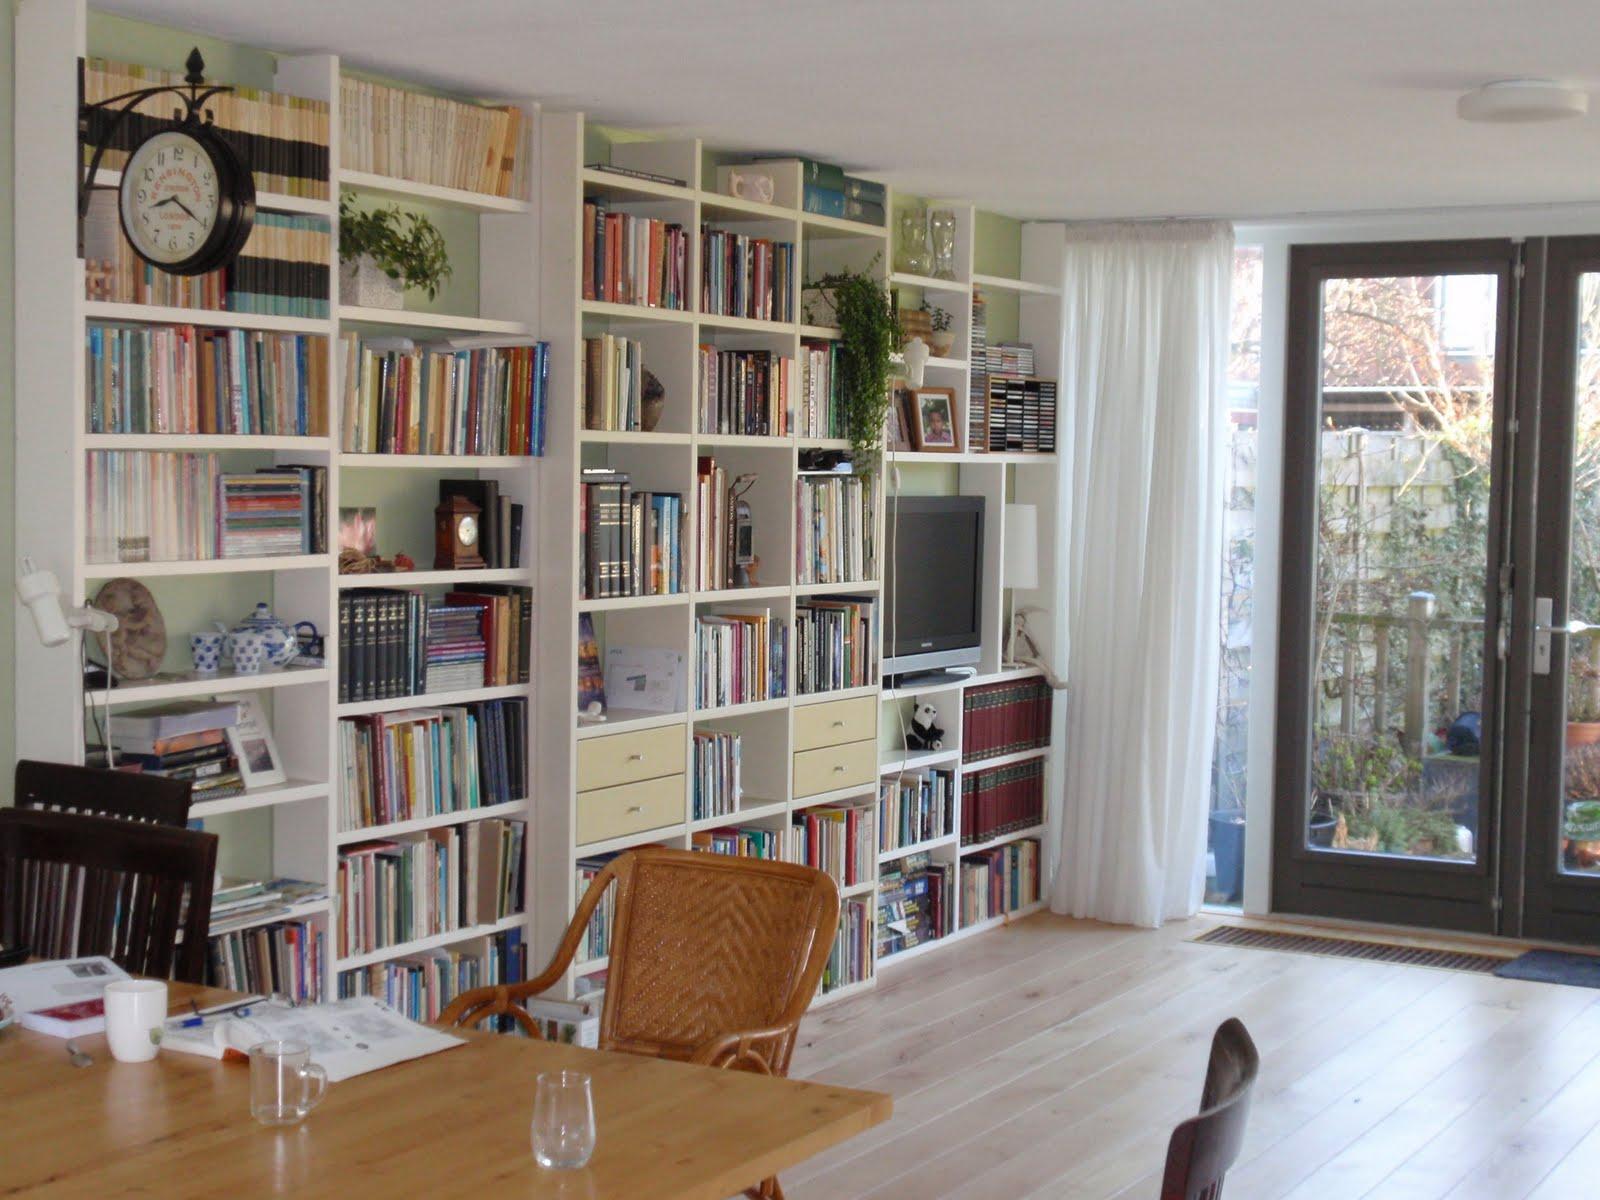 Ikea Billy Boekenkast Hoek - ARCHIDEV